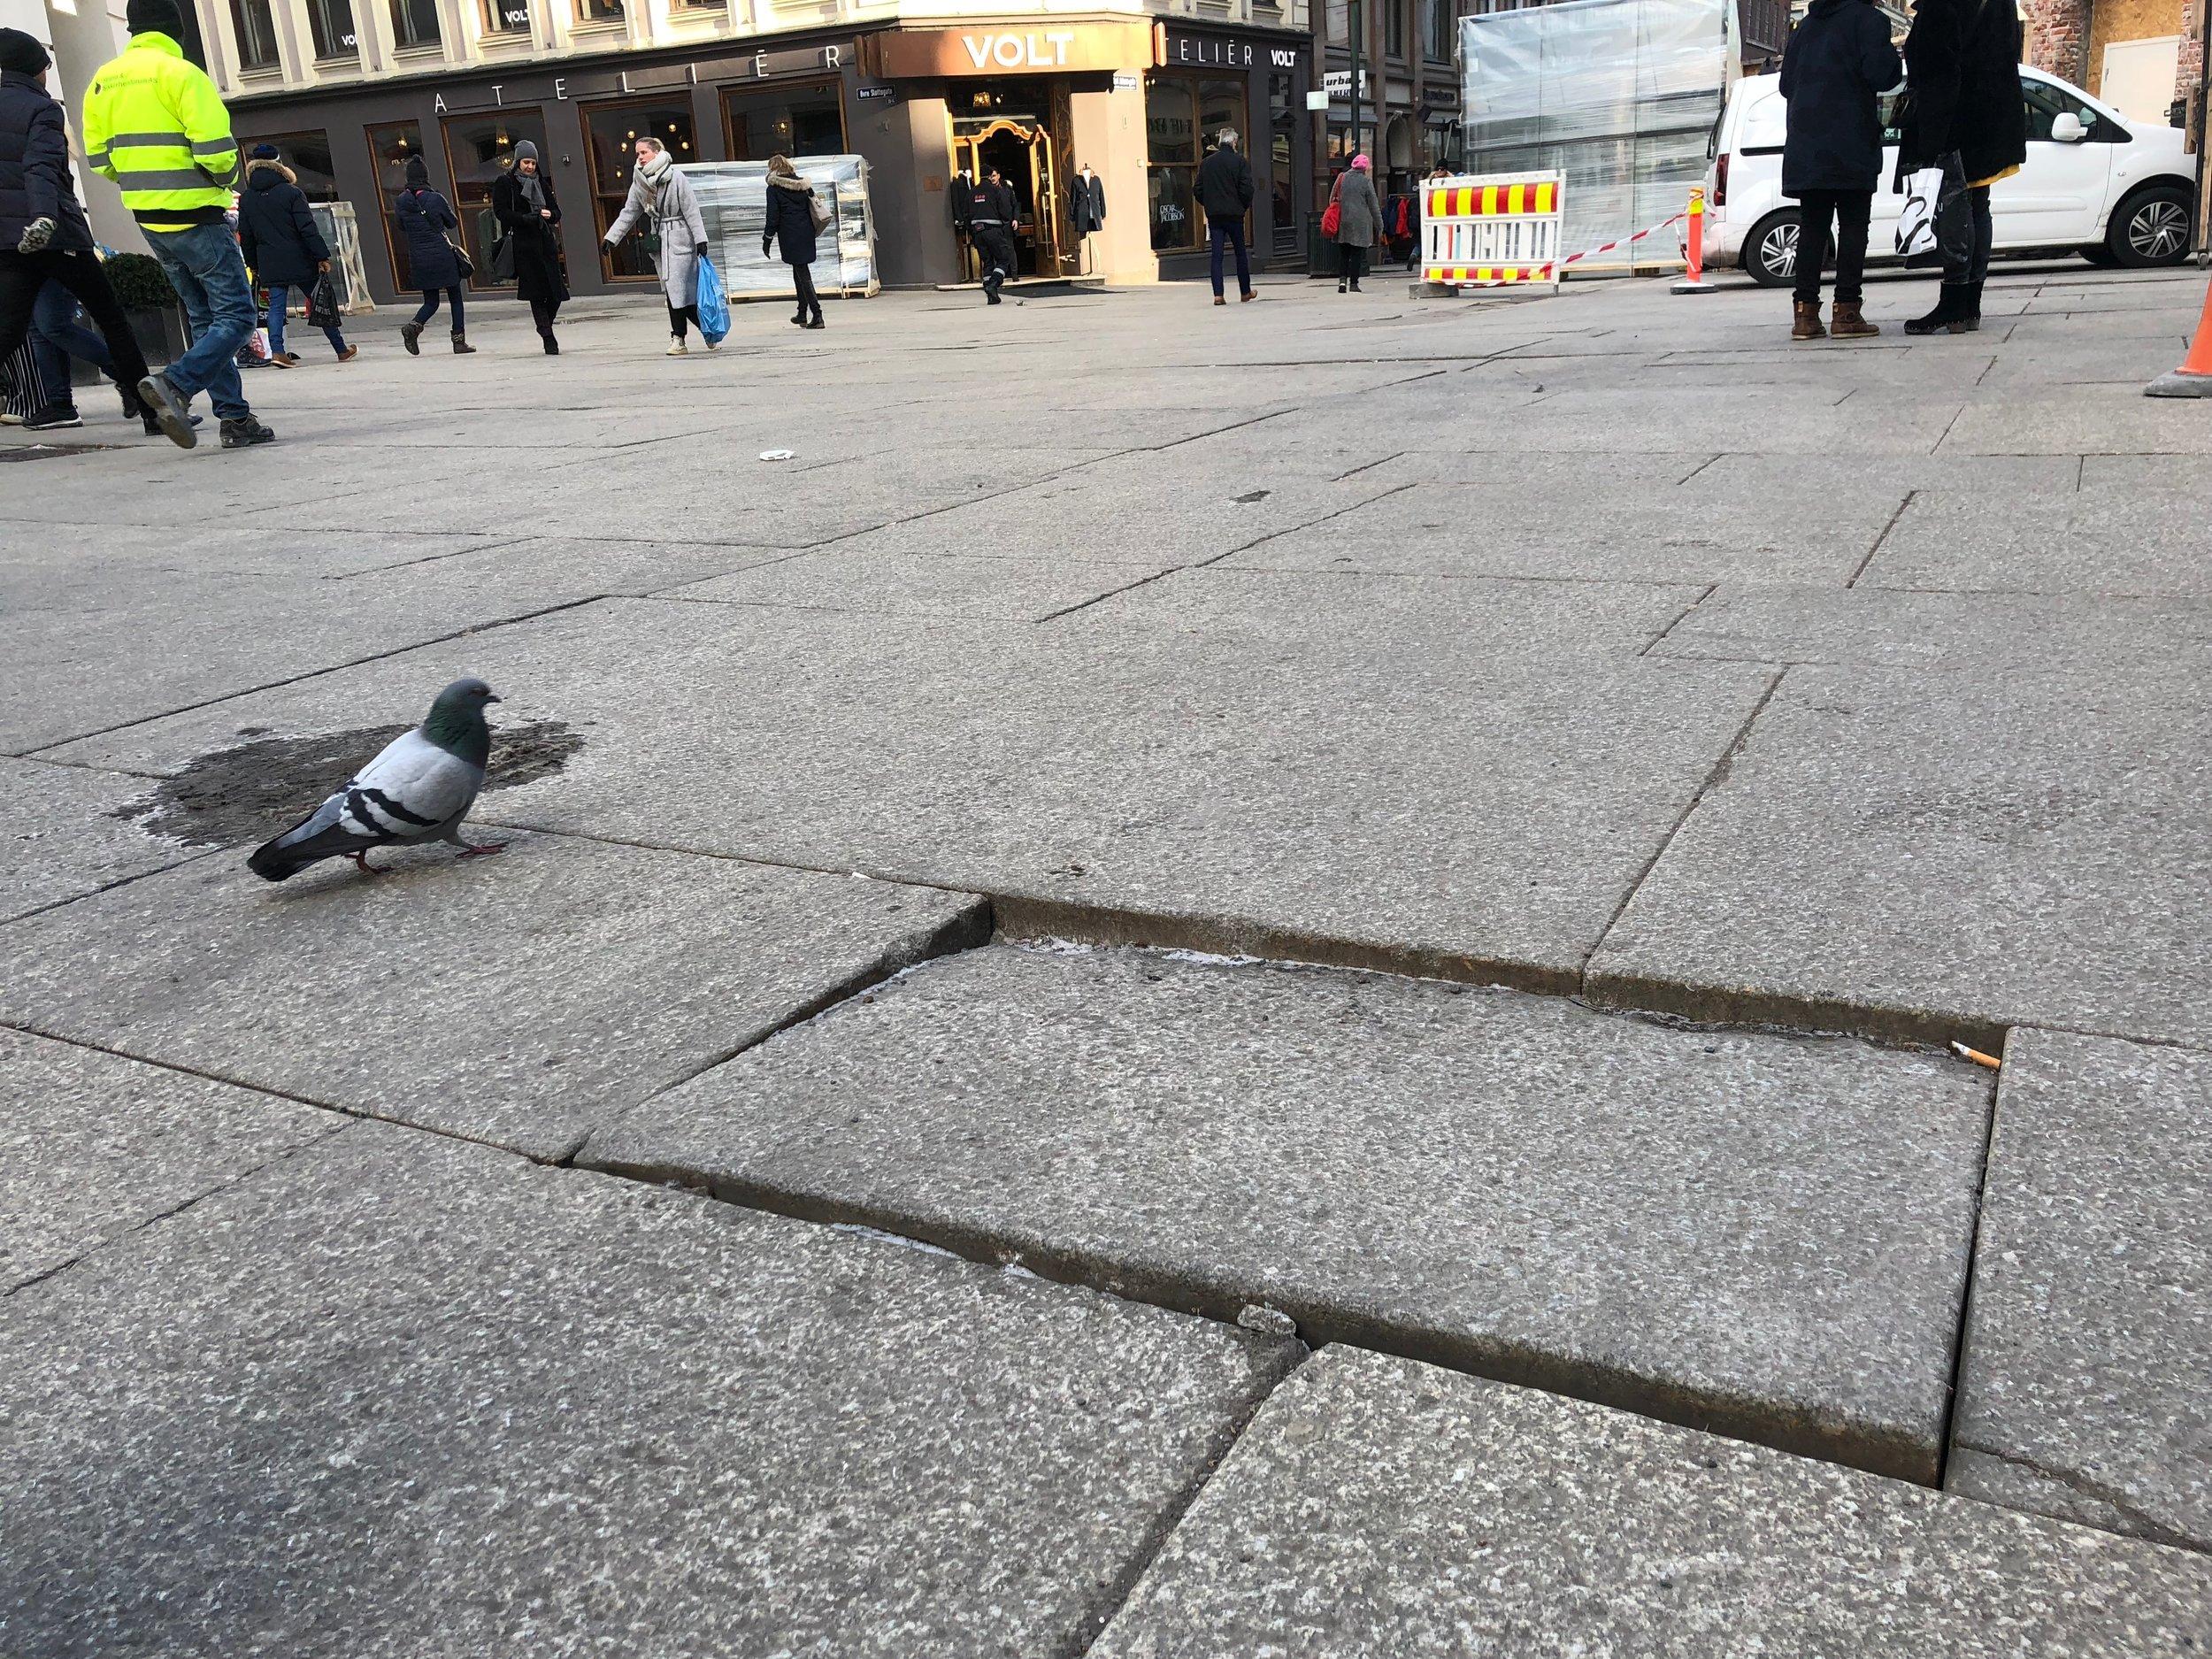 Vil MDG bytte navn på Karl Johansgate, slik at den blir oppkalt etter en kvinne? Her en scene fra Egertorget.